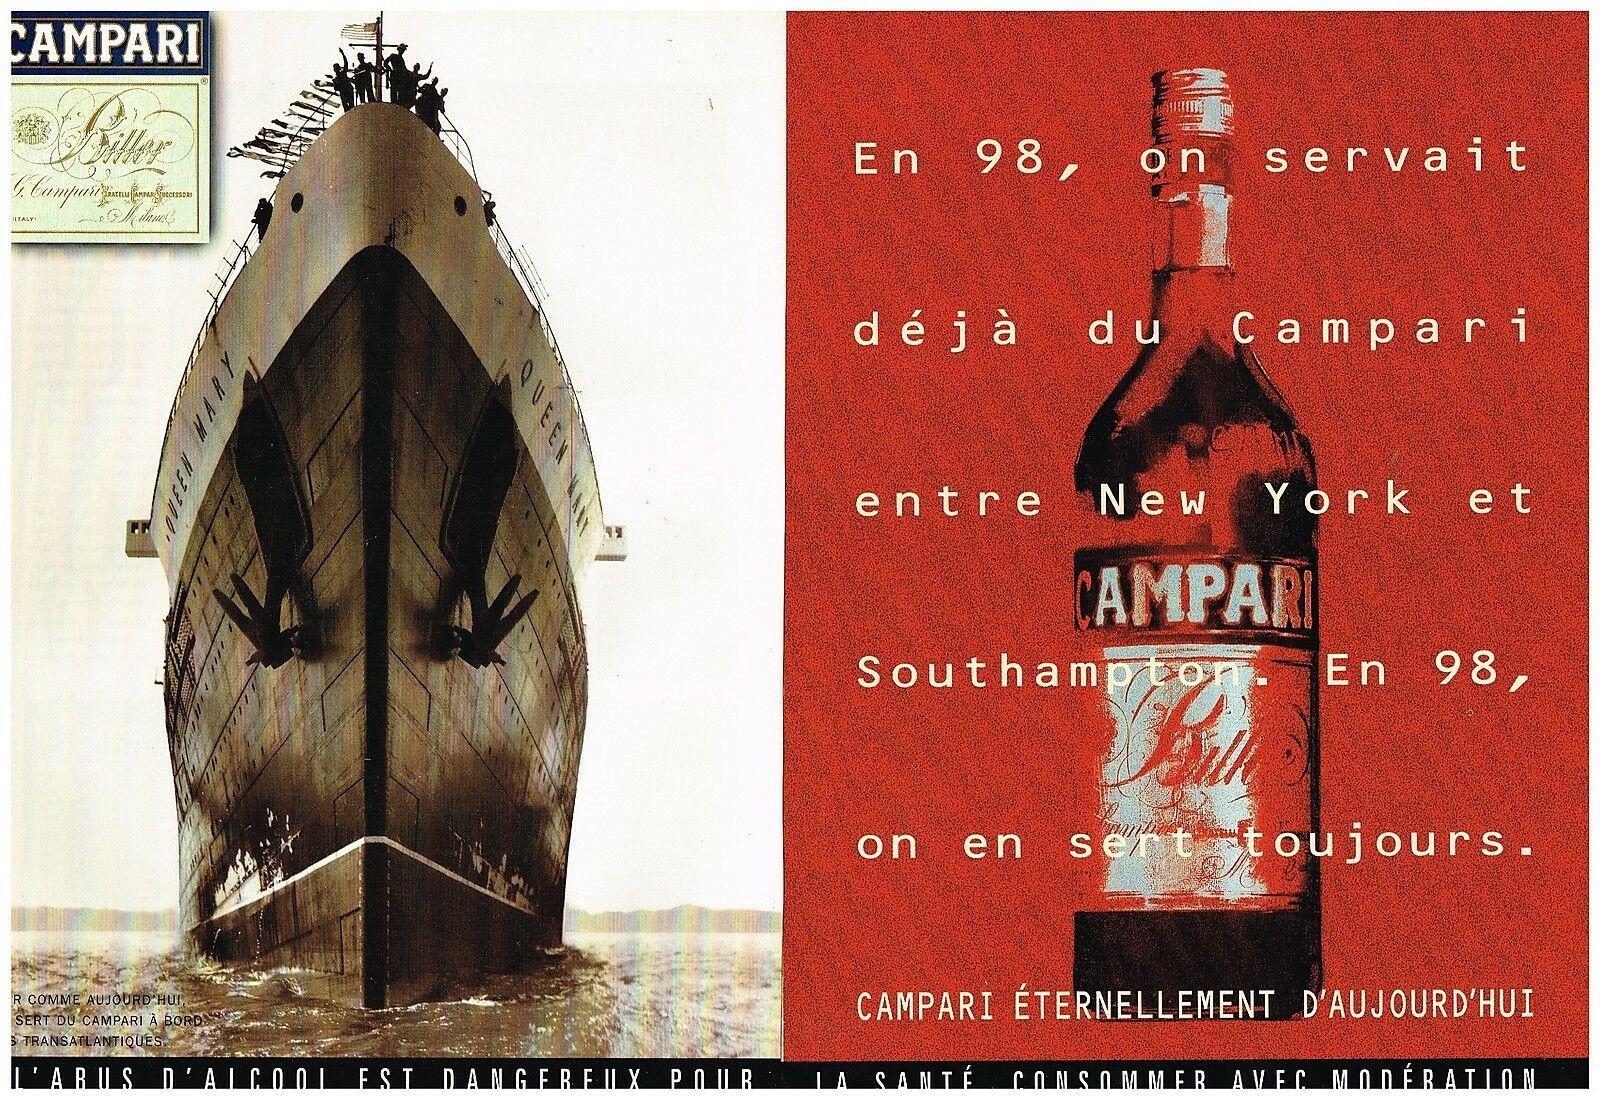 1998 Campari Paquebot Queen mary